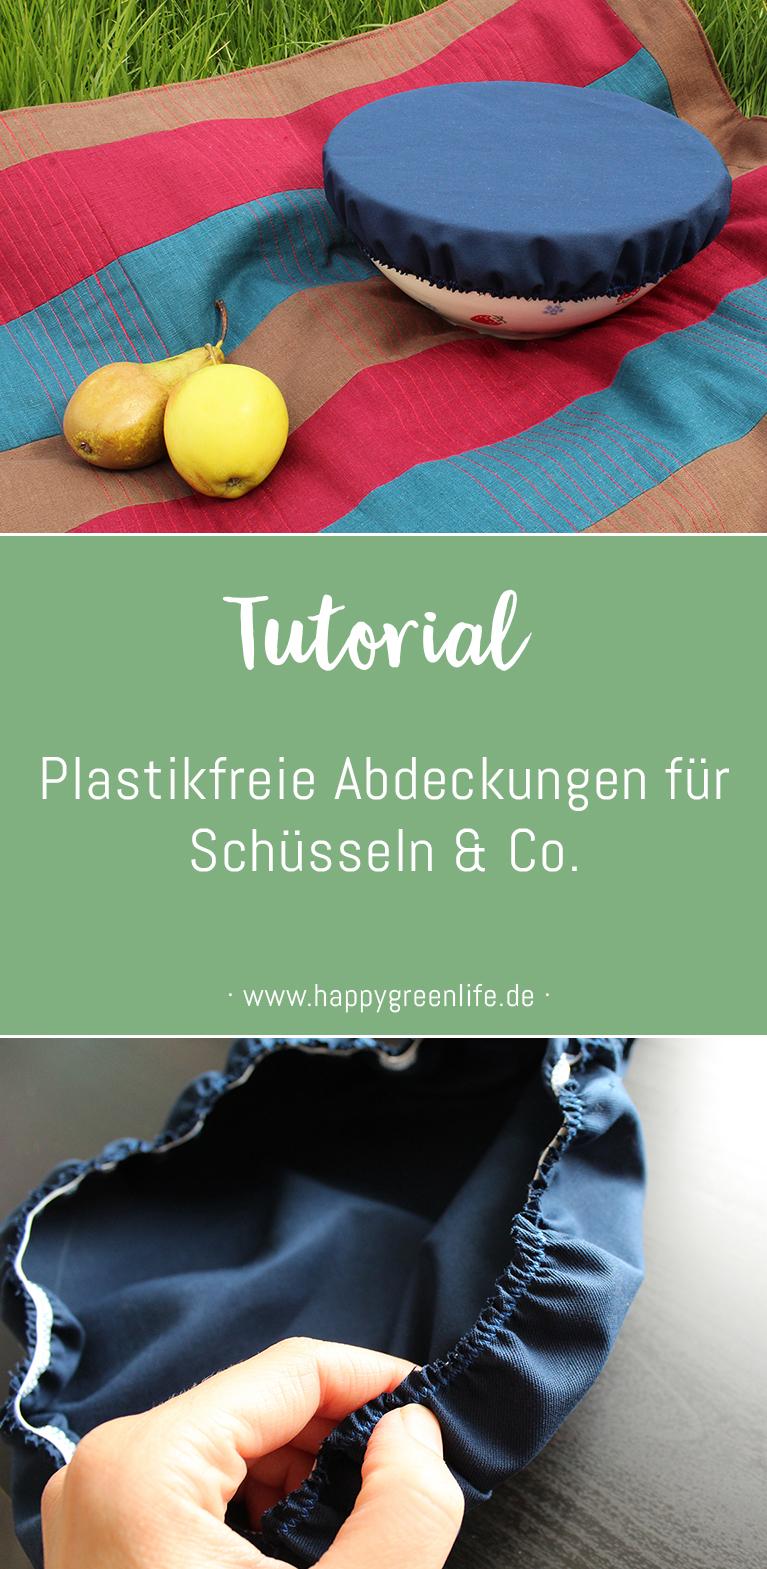 Nähanleitung für plastikfreie Abdeckungen für Schüsseln & Co von Kreativlabor Berlin